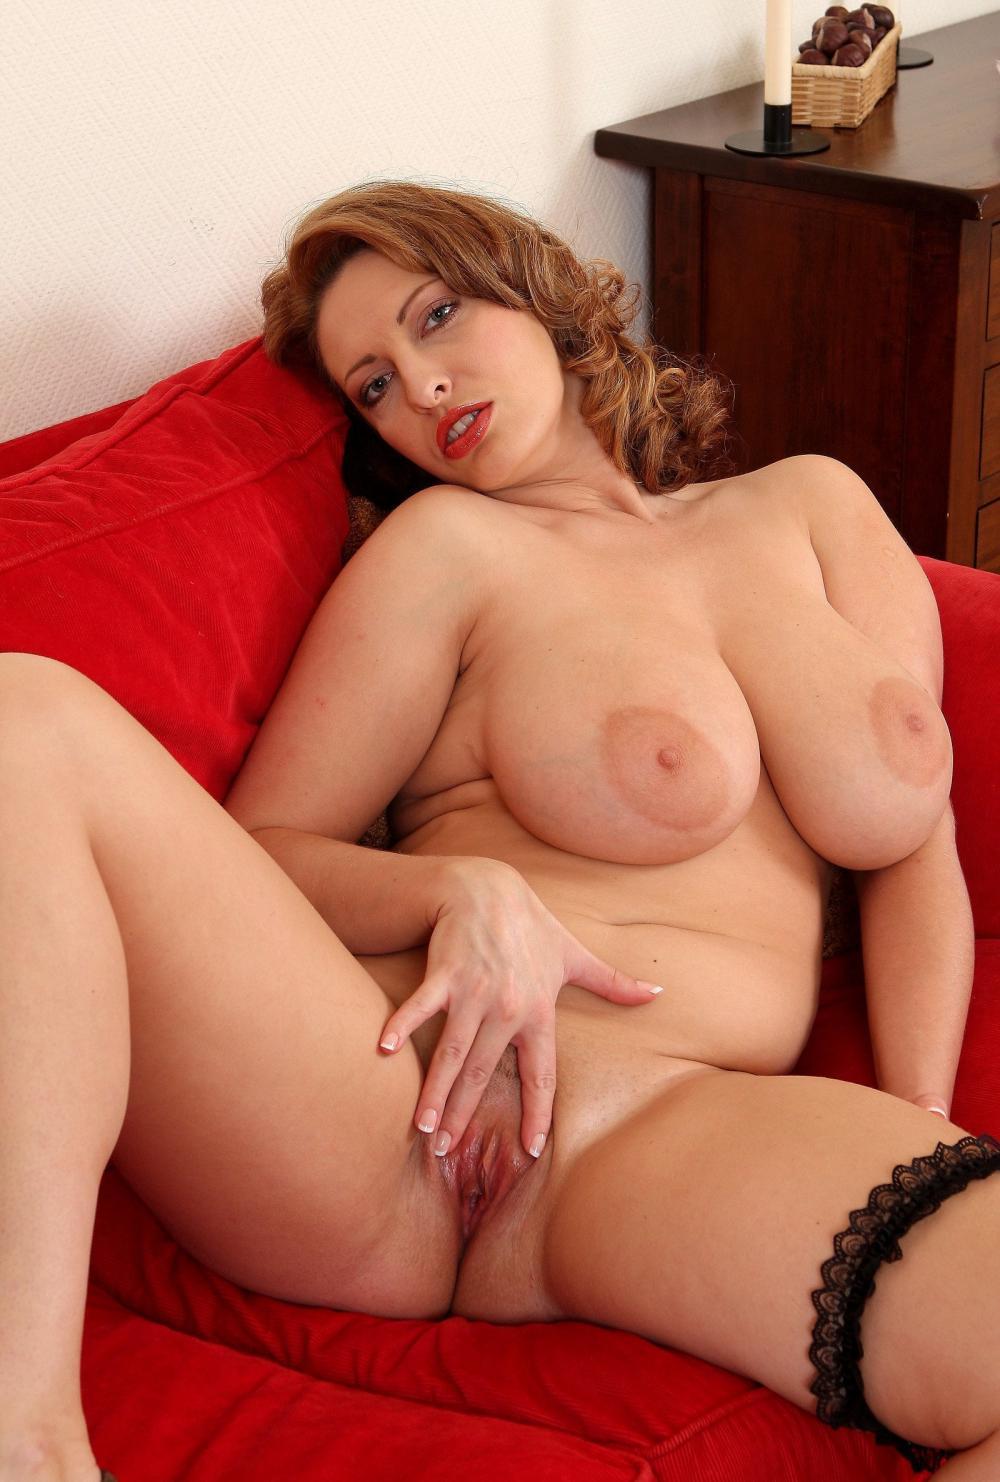 Красивые голые зрелые женщины полусидя на красном диване широко раздвинув ноги, на левой ноге черная подвязка, большая грудь, левой рукой раздвигает половые губы